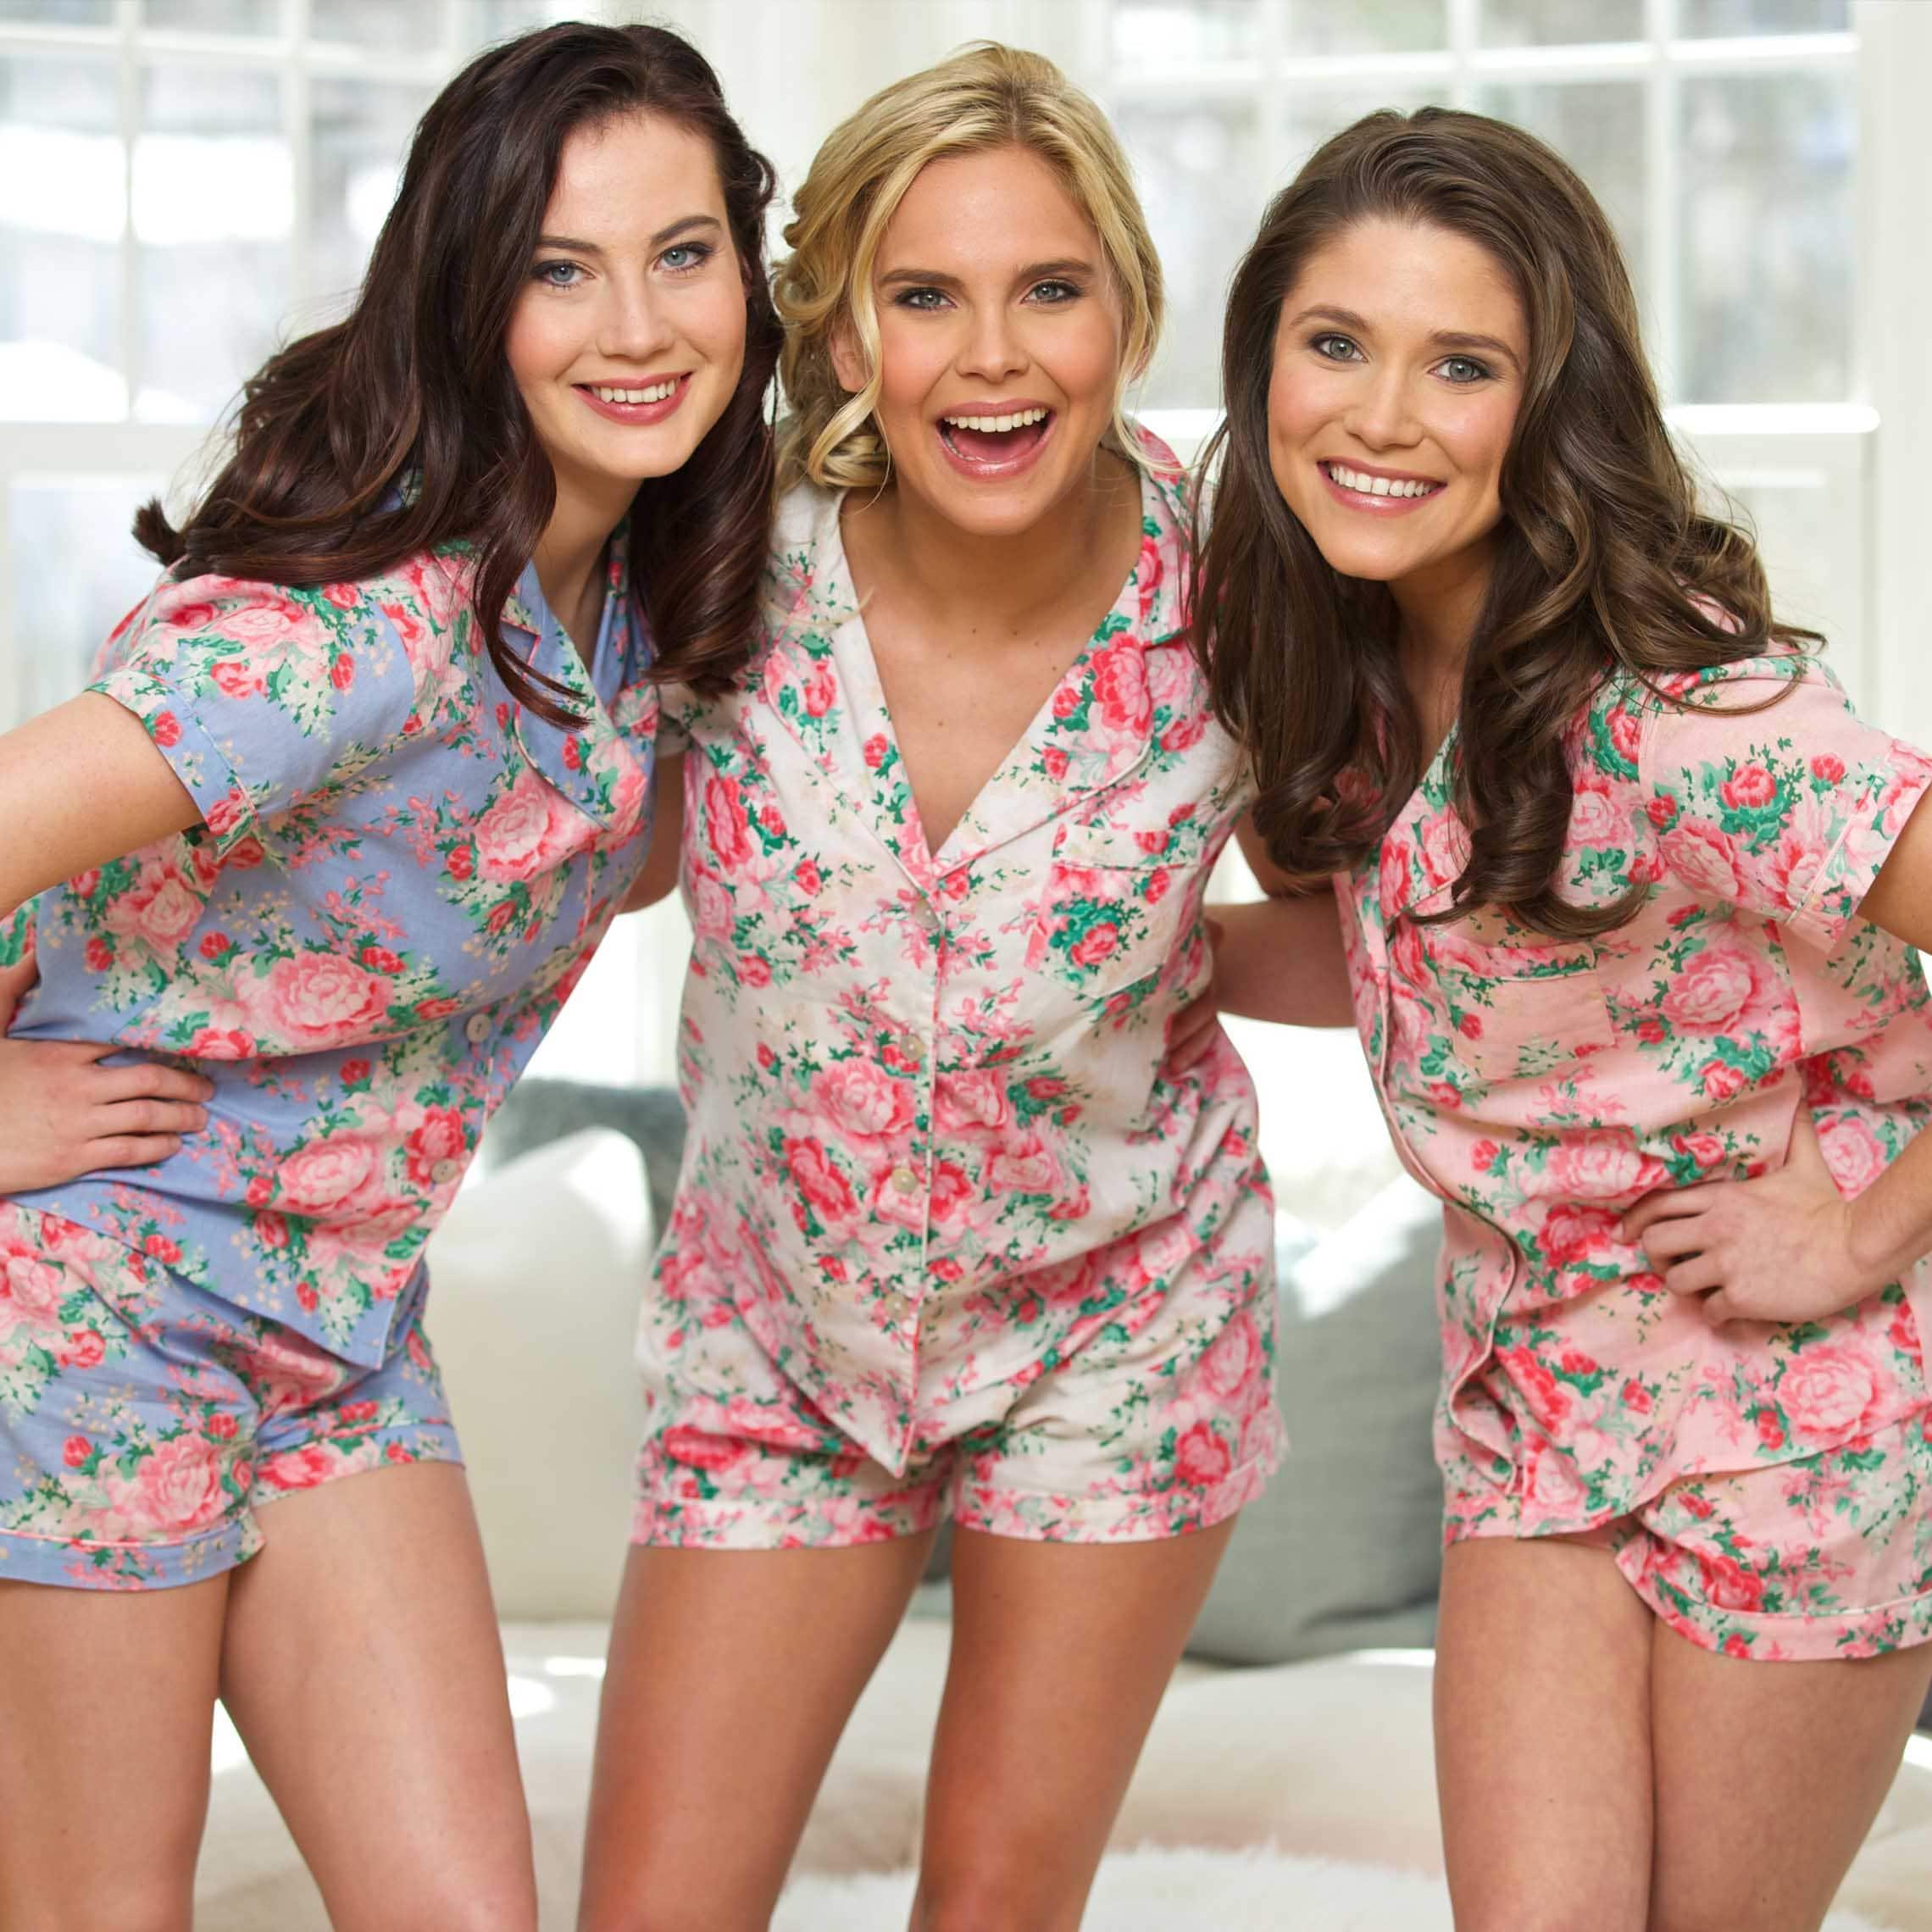 2bdd5851ac Bridesmaid Pajamas Floral Bridesmaid PJ'sBridal PJ Set   Etsy